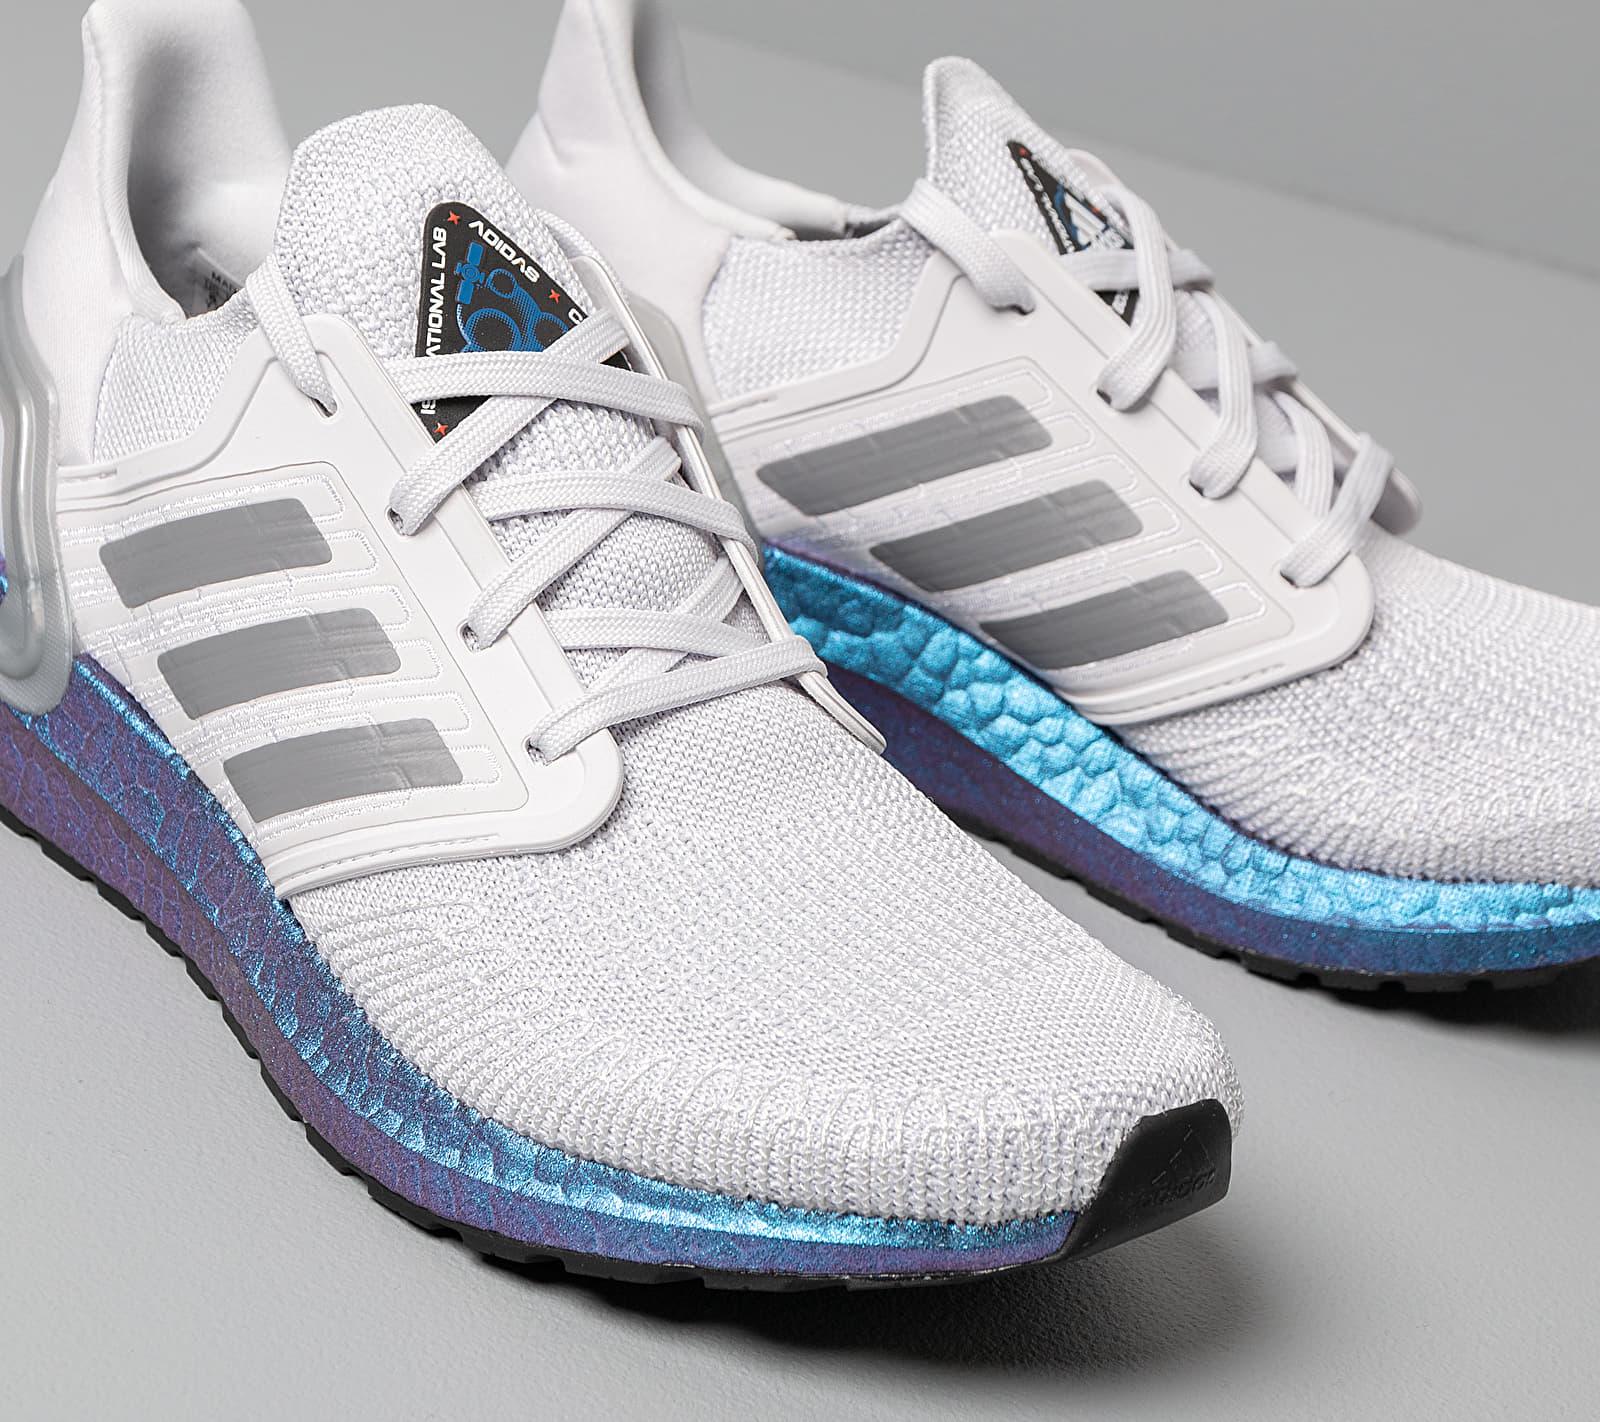 adidas UltraBOOST 20 W Dash Grey/ Grey Three/ Blue Vime, Gray